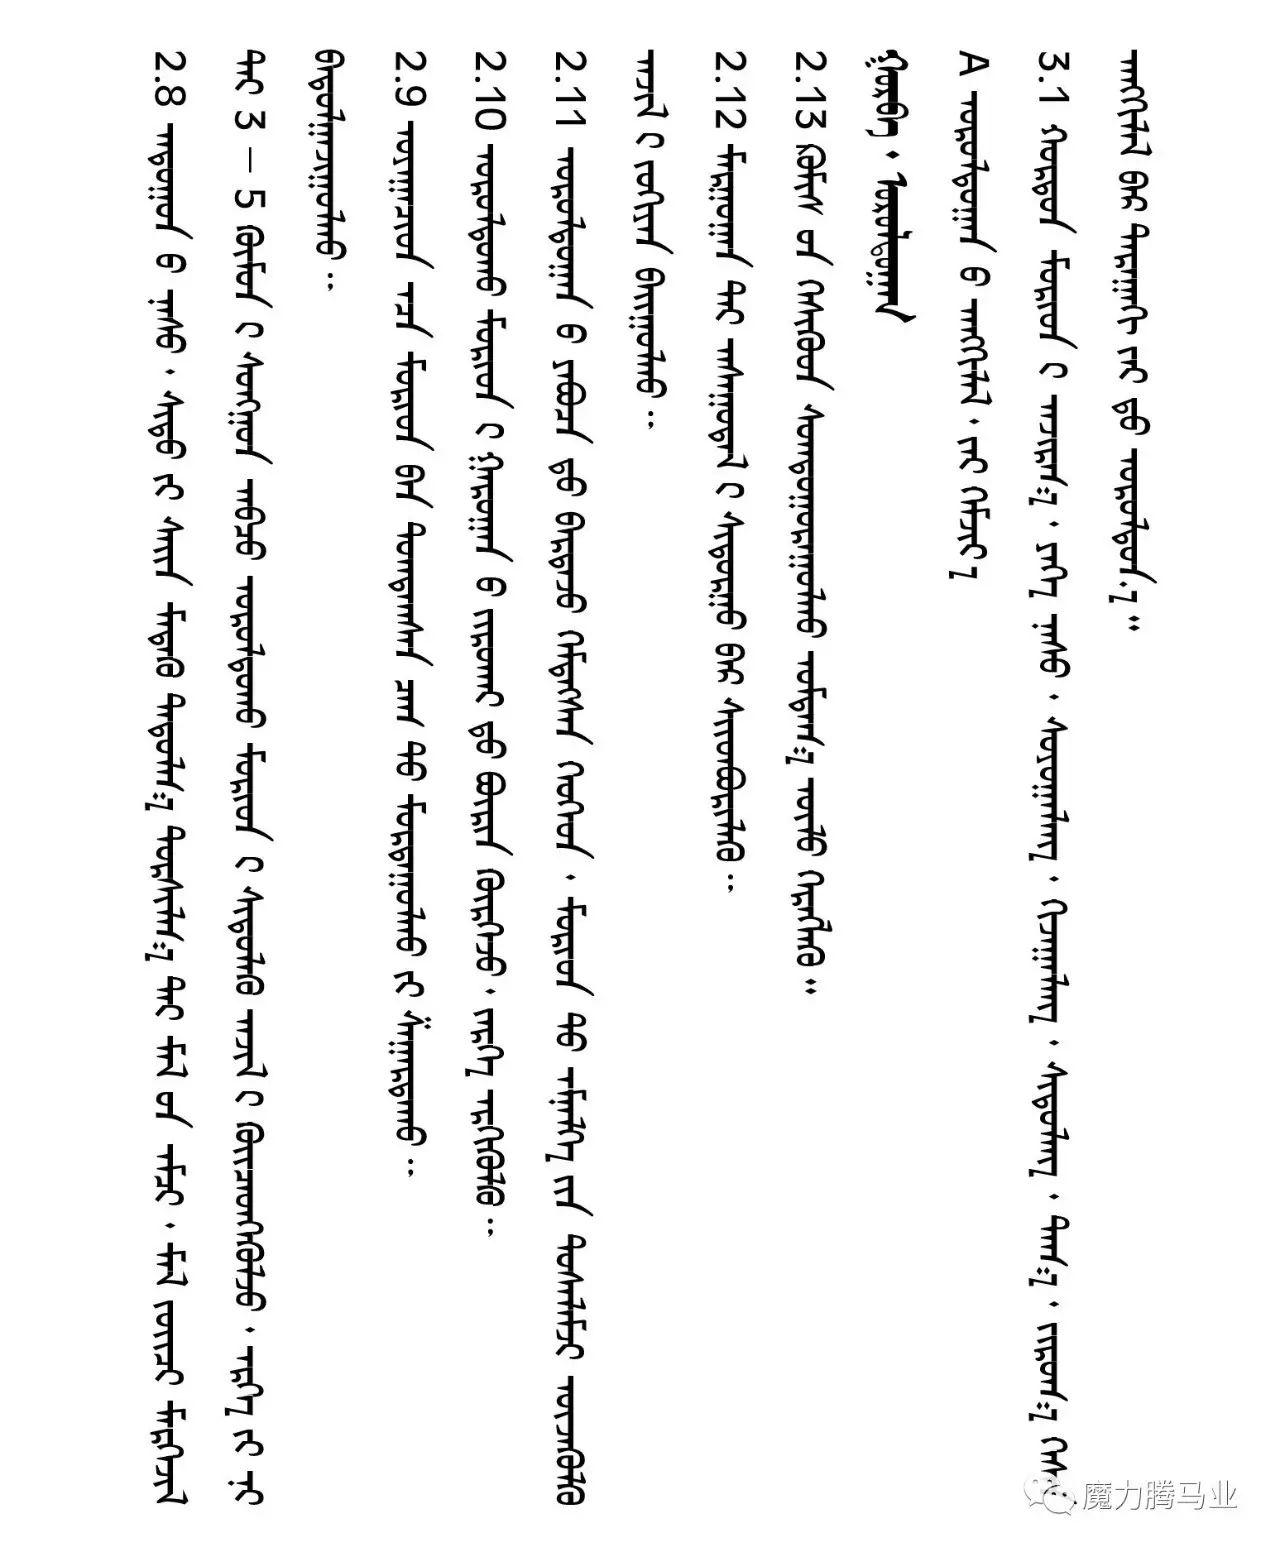 蒙古国赛马章程介绍 第19张 蒙古国赛马章程介绍 蒙古文库